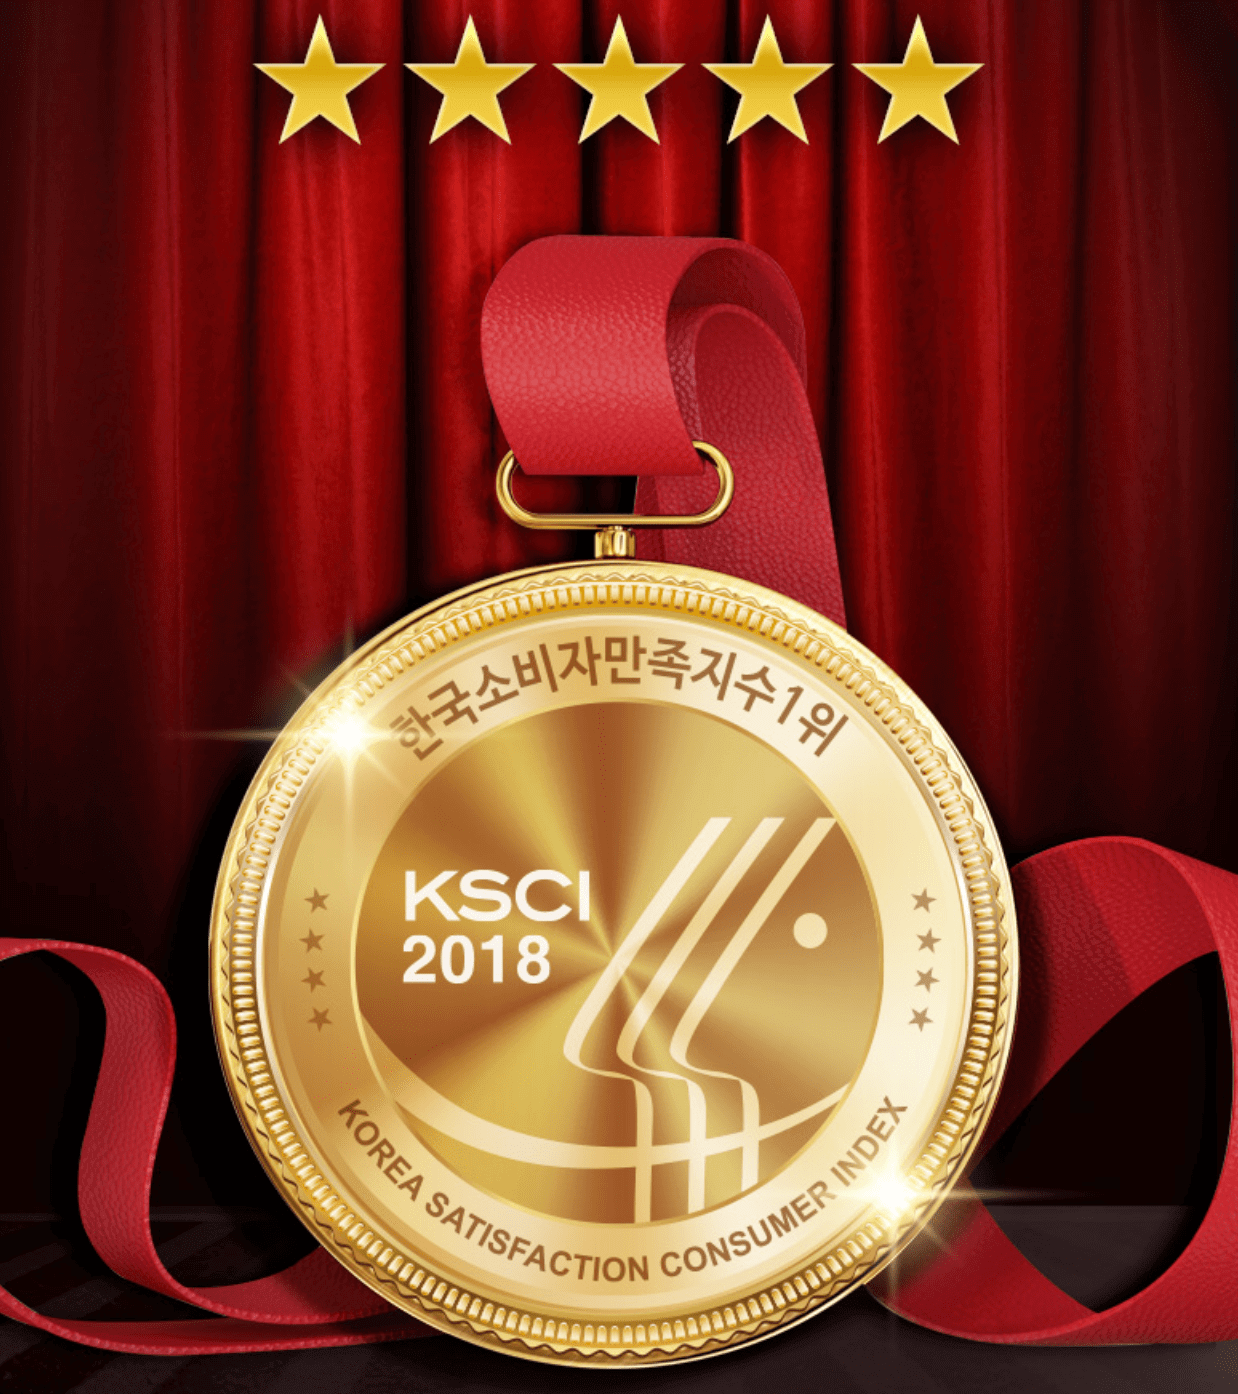 Medalla de Premio de Satisfaccion al Cliente de Chakan Factory